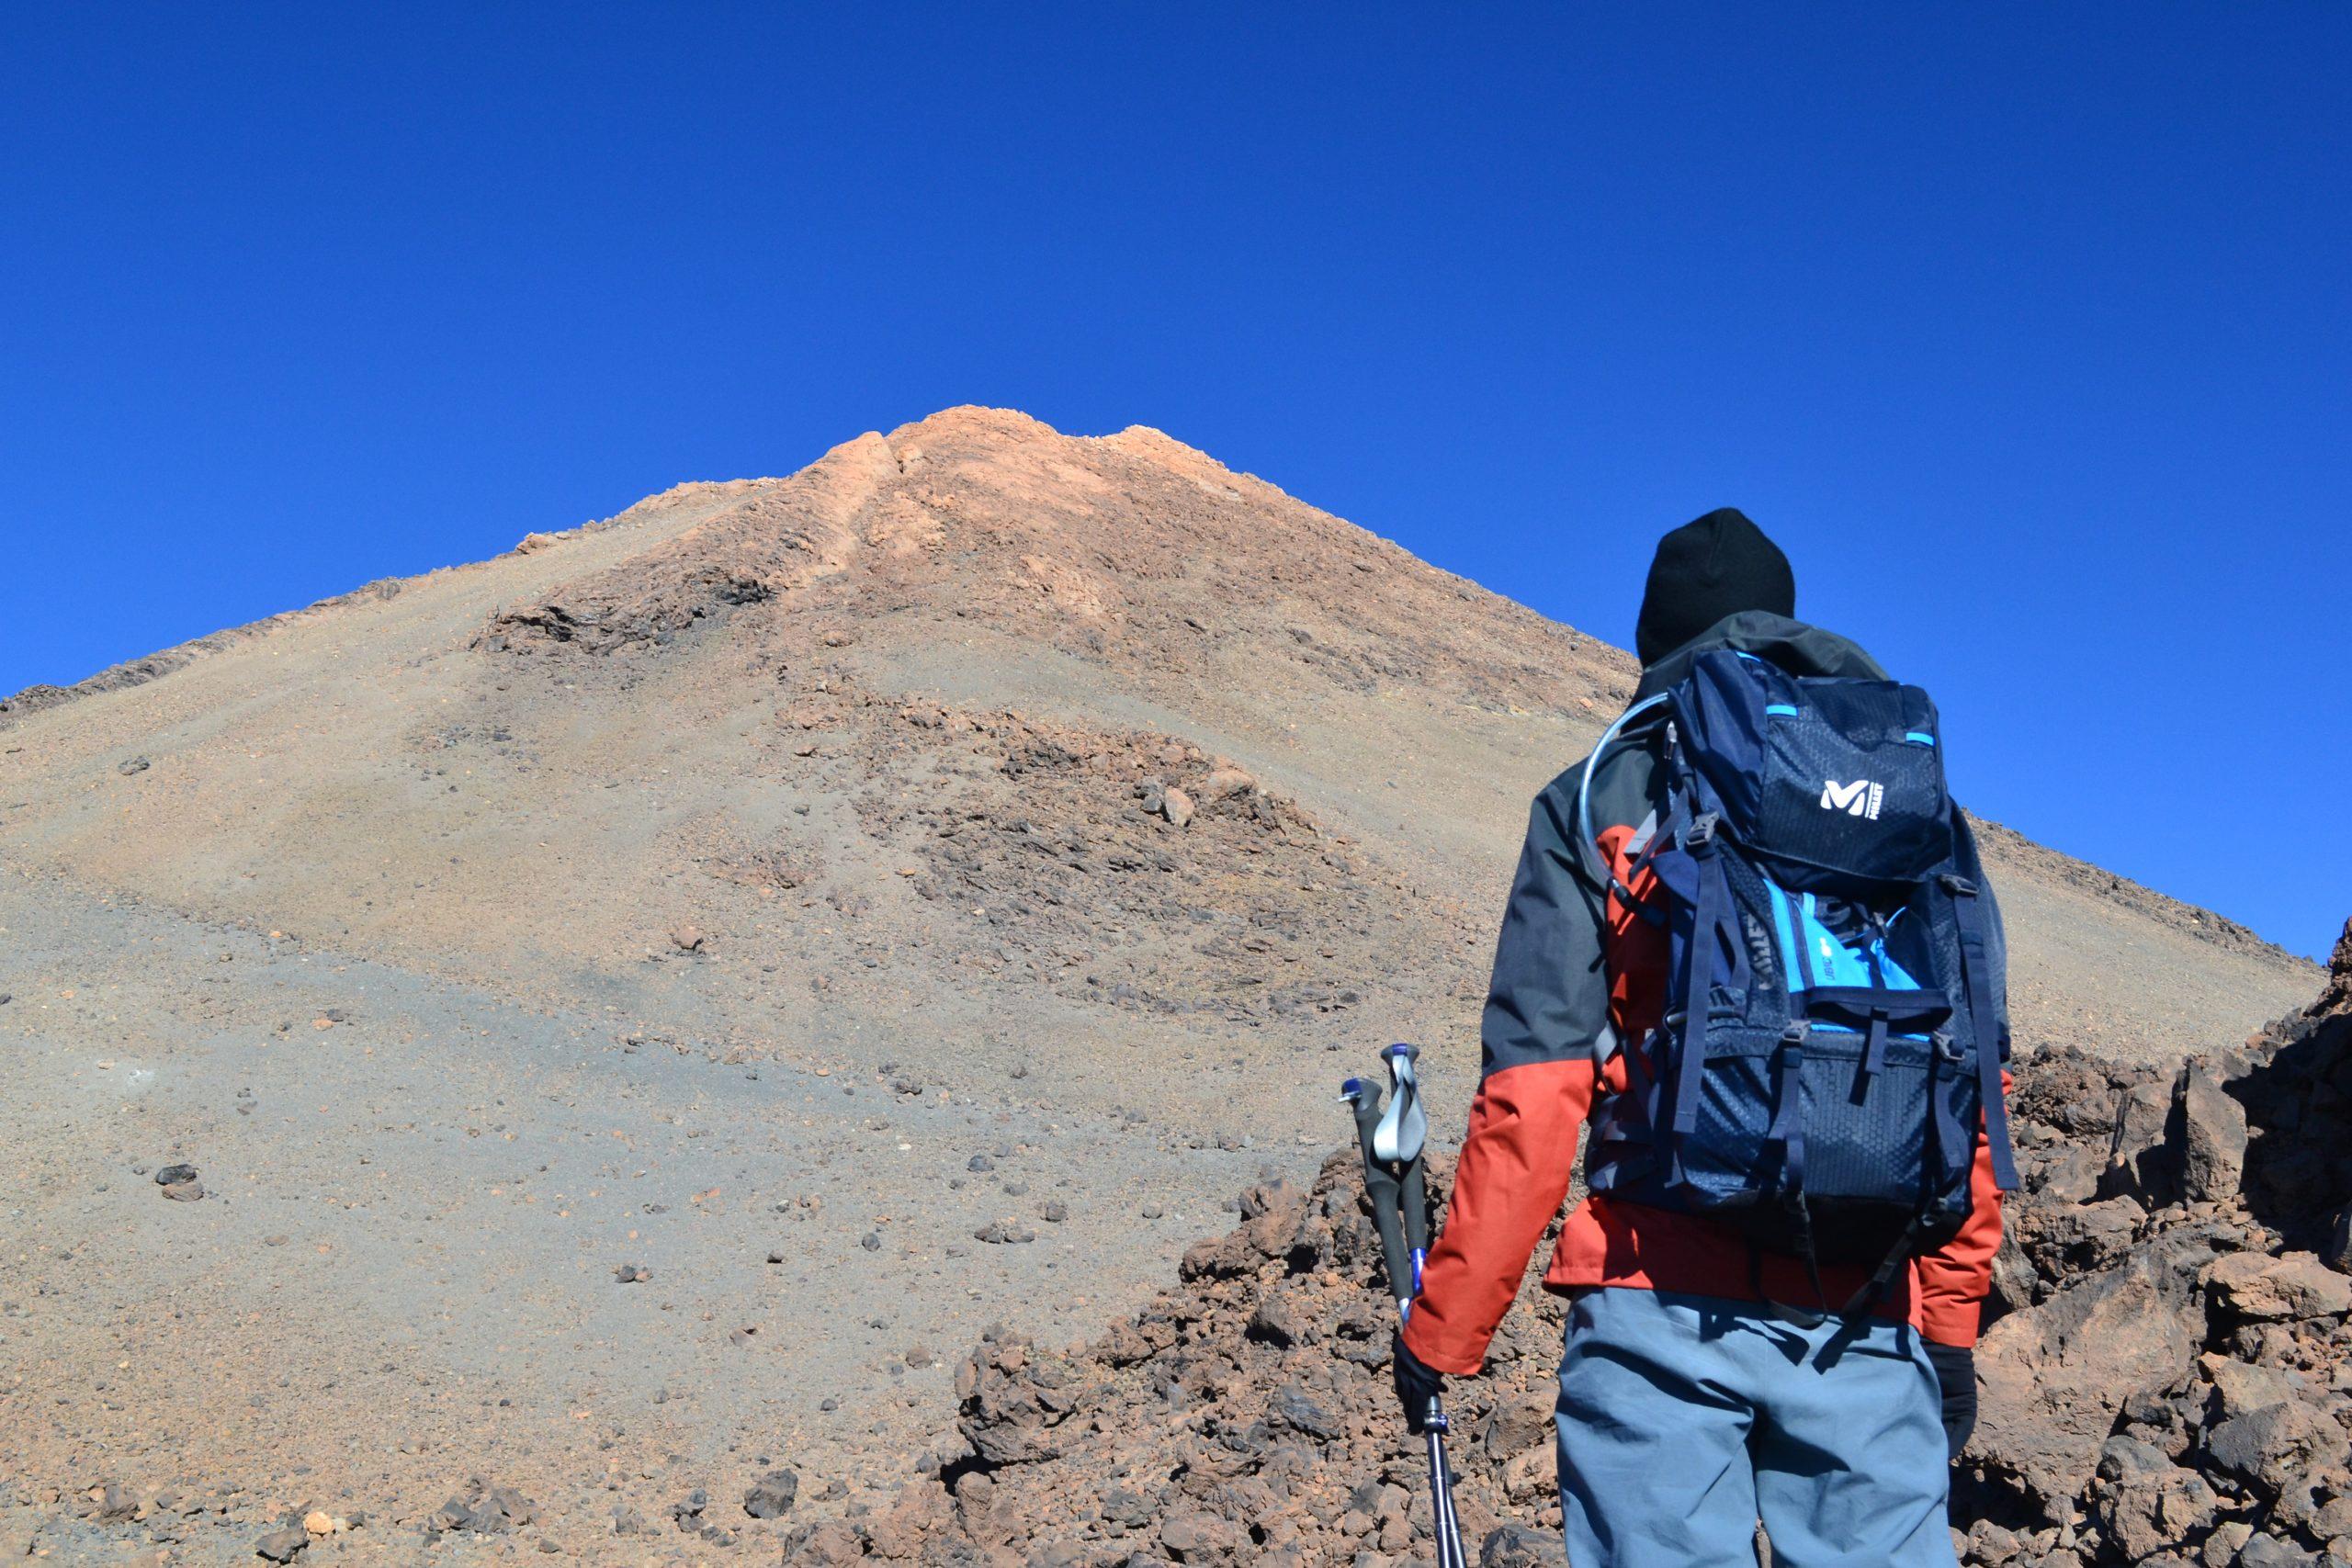 L'ascension du Teide, le sommet de l'Espagne